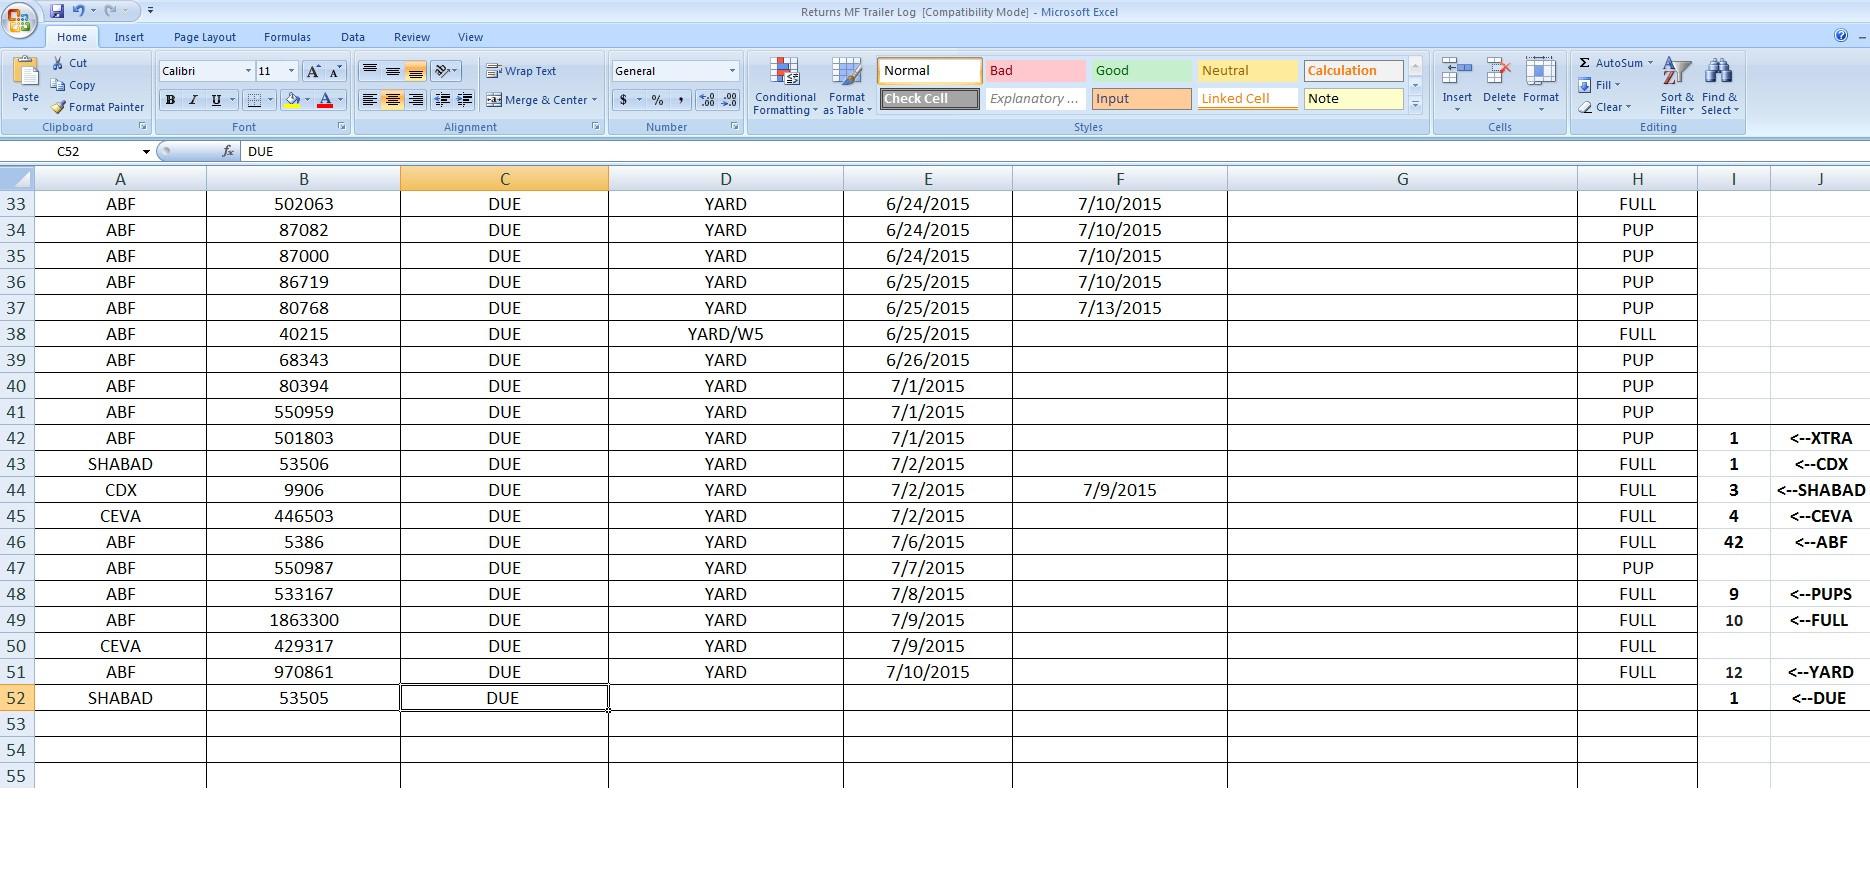 W Ksheet Functi Count B Sed Multiple Ltern Te C Diti S